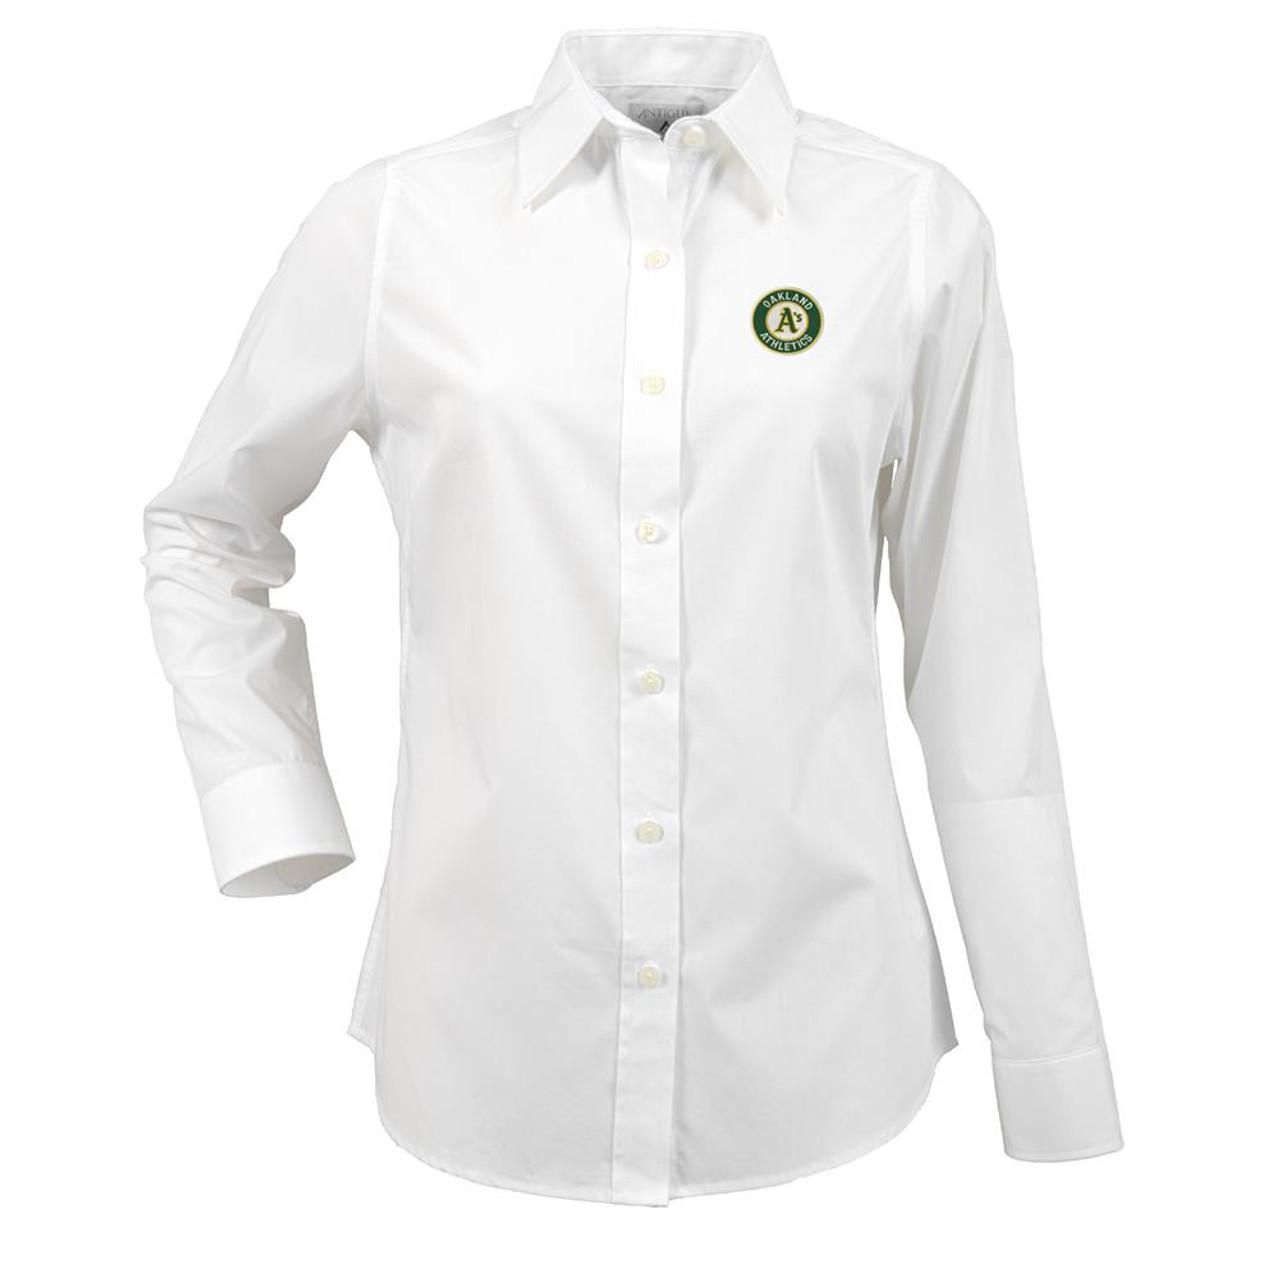 Oakland Athletics Women's Long Sleeve Dress Shirt